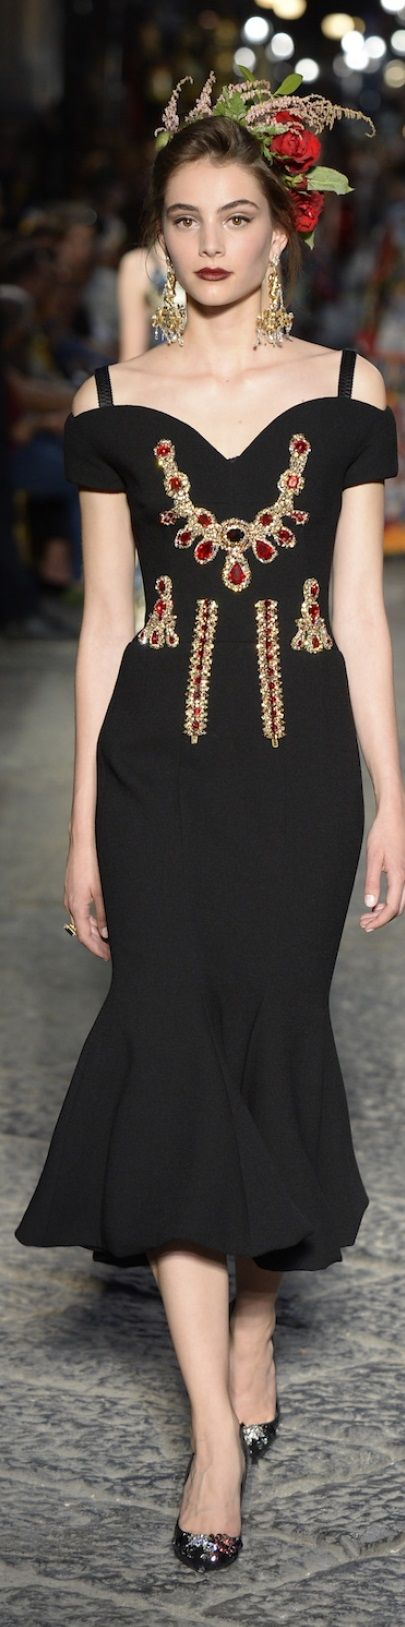 Dolce and Gabbana fall 2016 alta moda